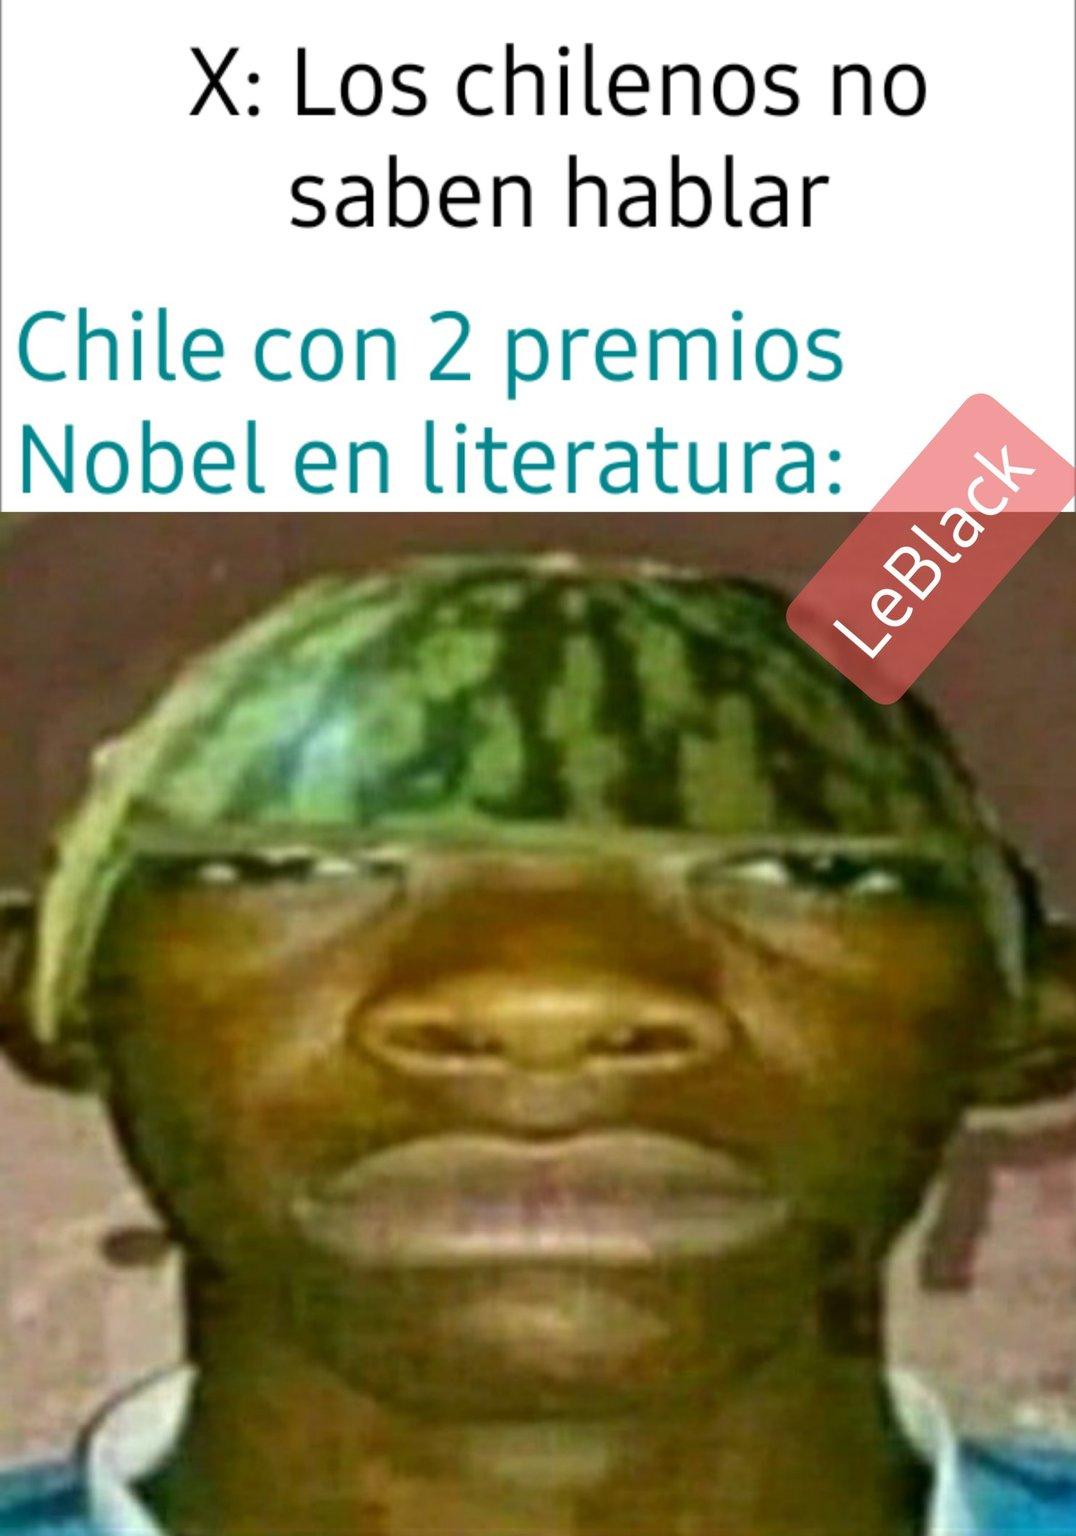 Pablo Neruda y Gabriela Mistral - meme